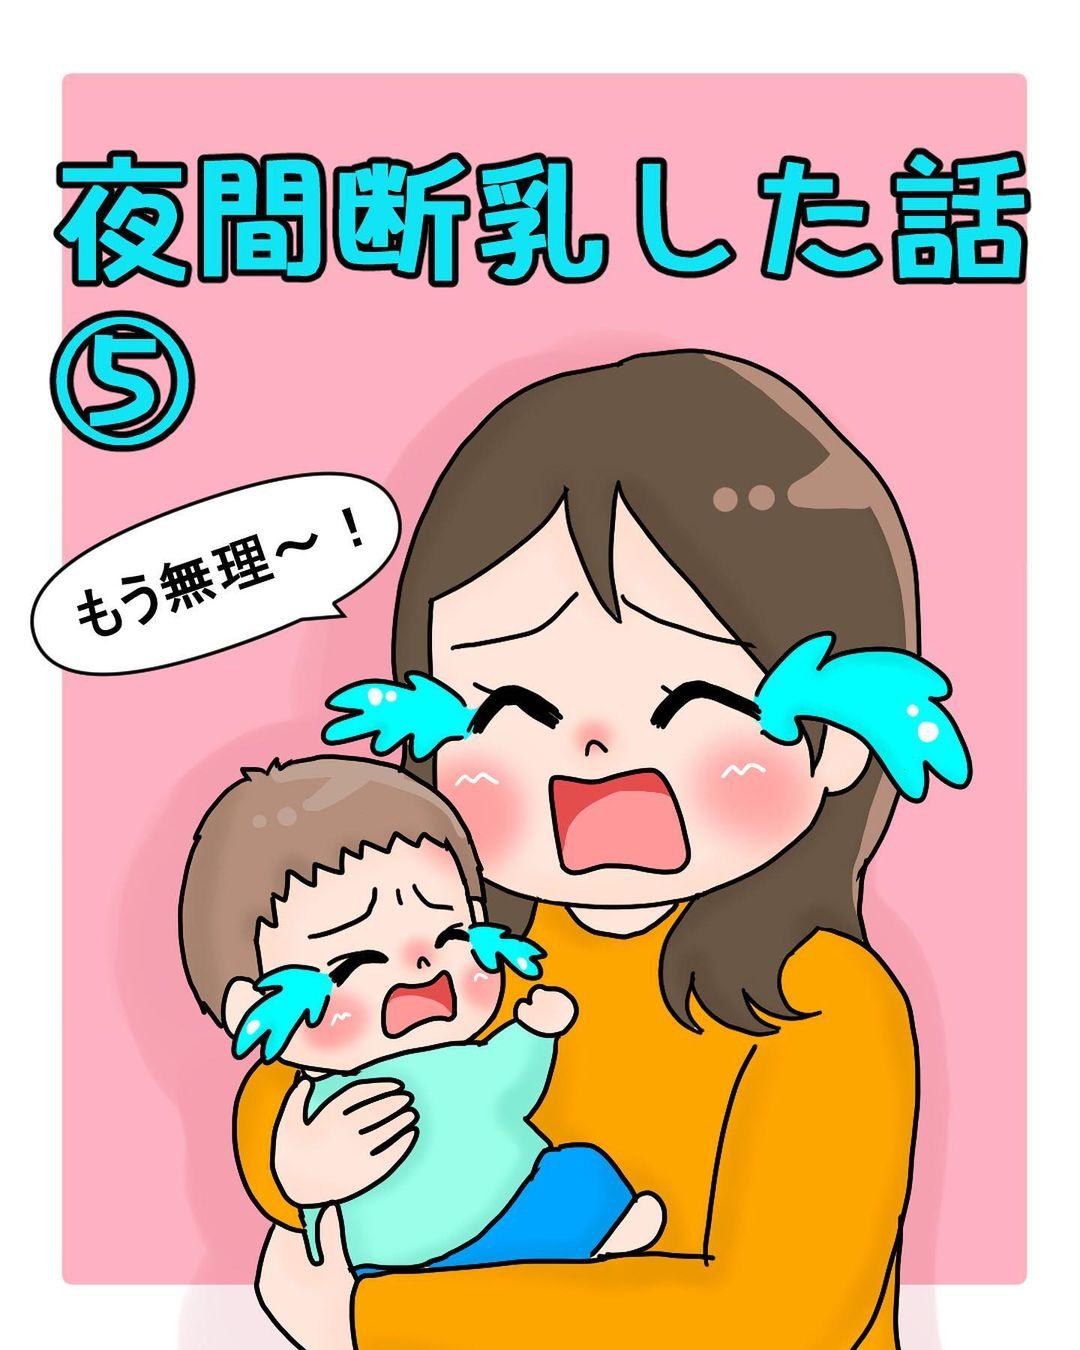 育児絵日記|夜間断乳した話#5